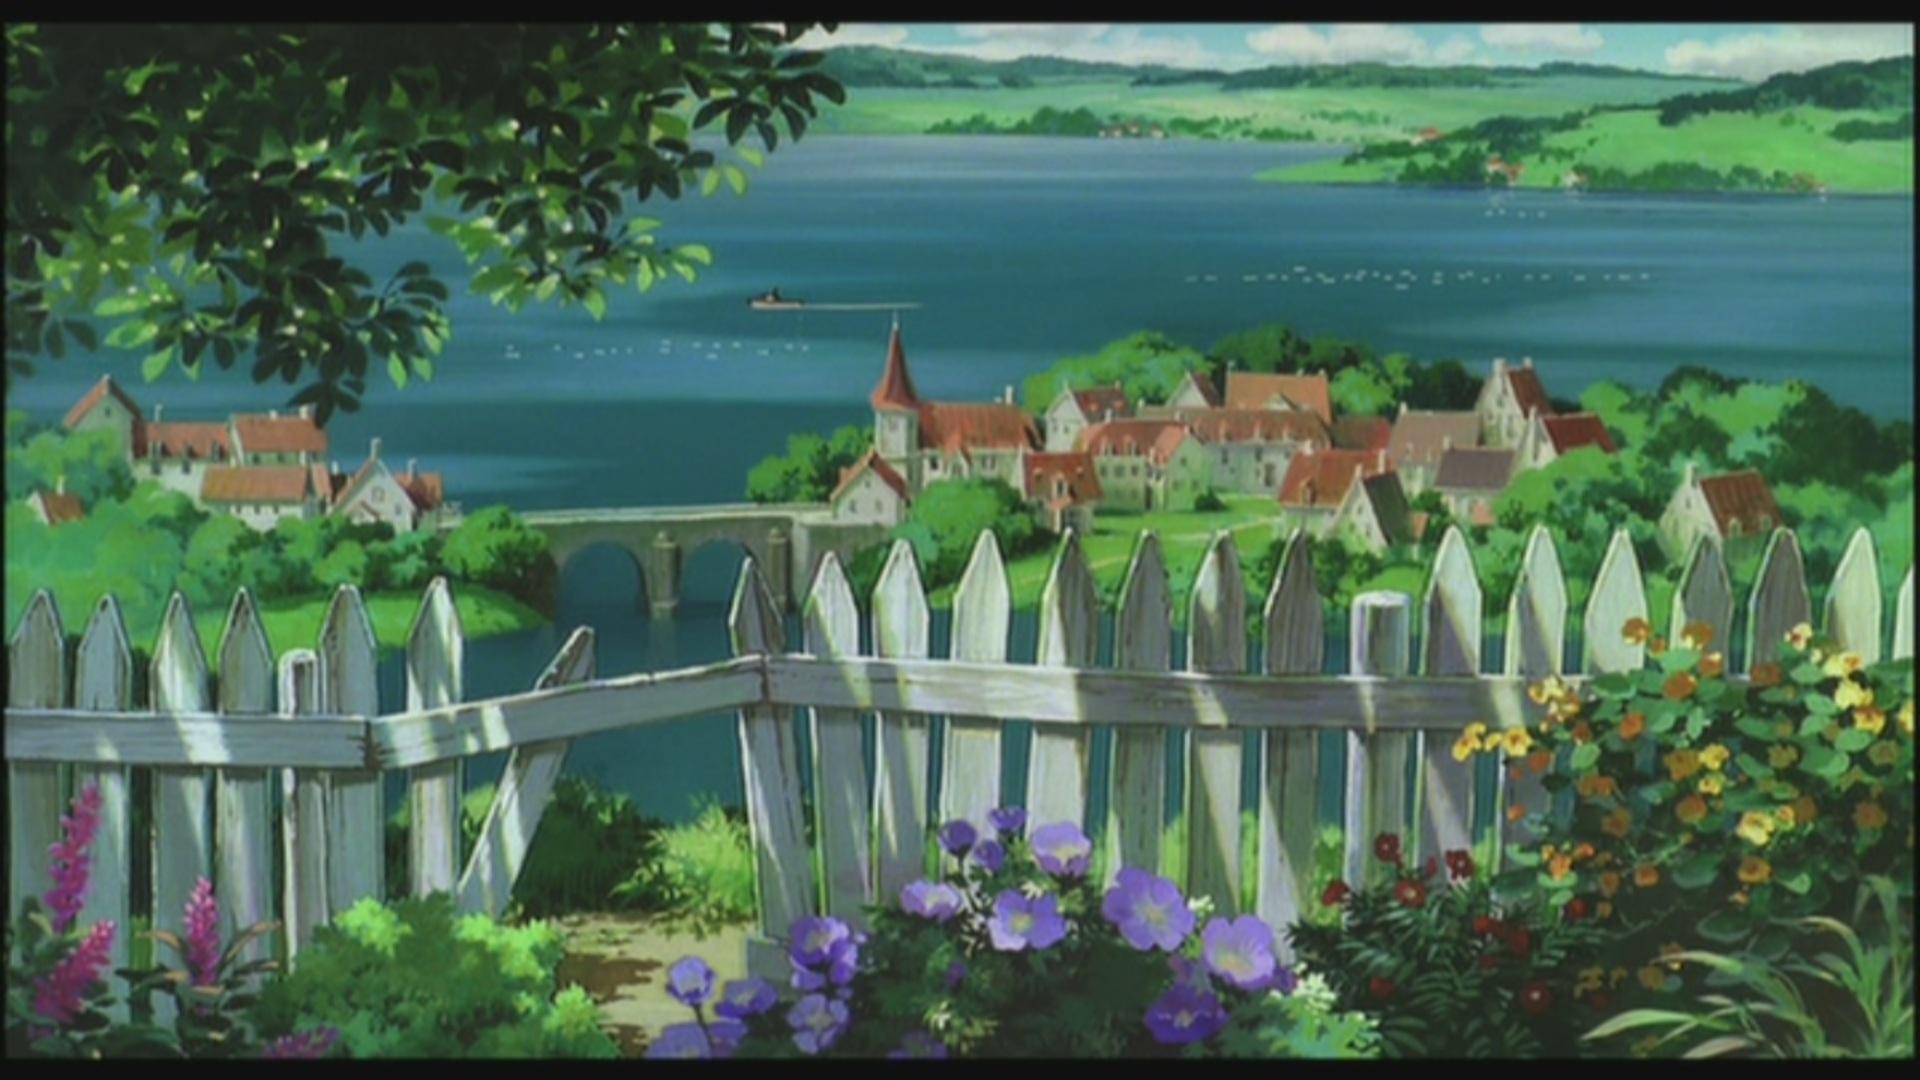 Studio Ghibli Wallpaper 1920x1080 Studio Ghibli Kikis Delivery 1920x1080